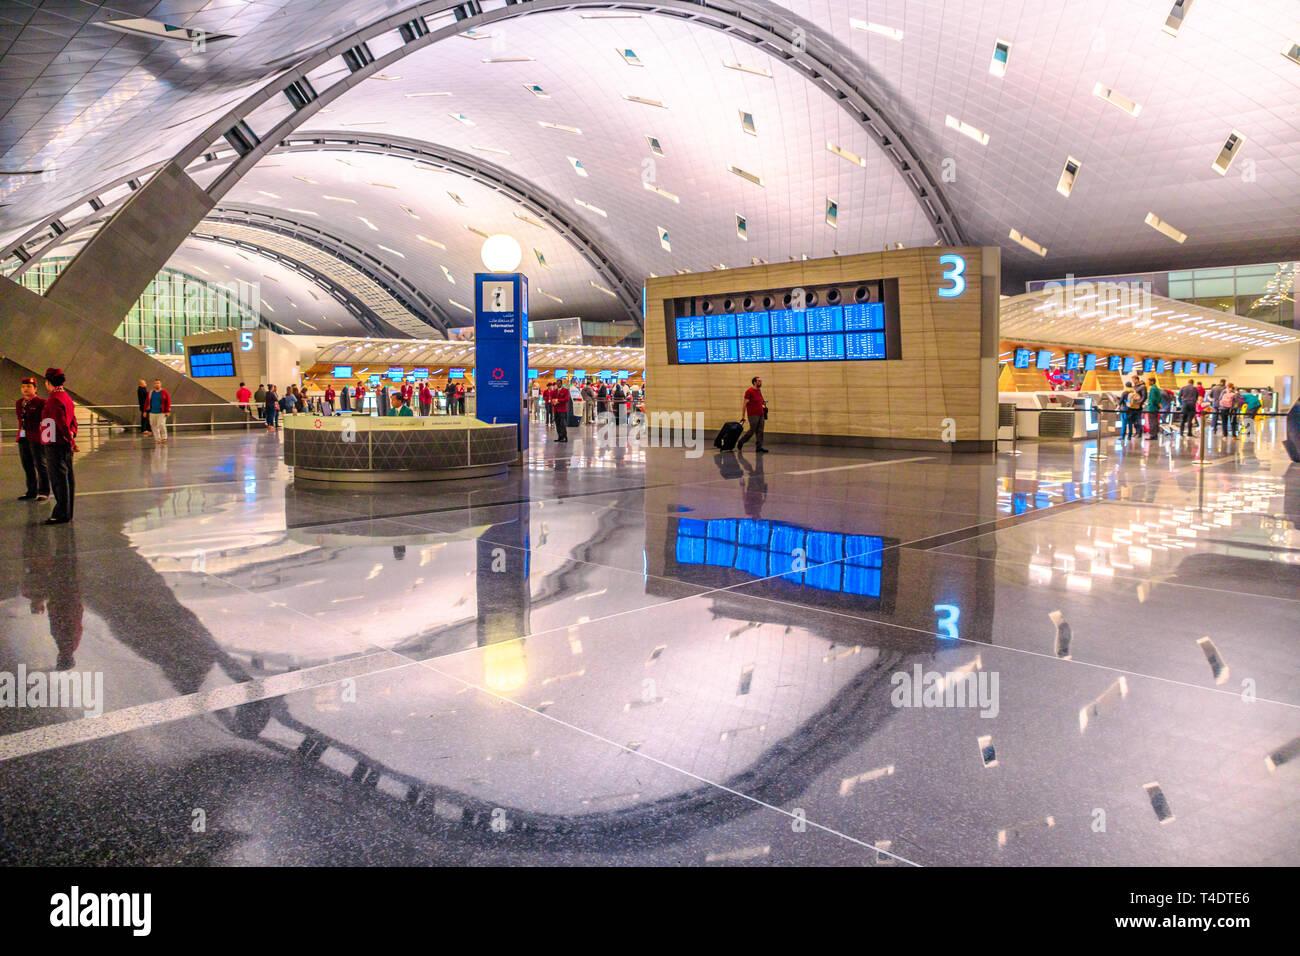 Doha, Qatar - 24 Février 2019: Qatar Airways vérifier dans les passagers dans la nouvelle et moderne de l'Aéroport International Hamad Hamad, l'aéroport de Doha ou reflété Banque D'Images